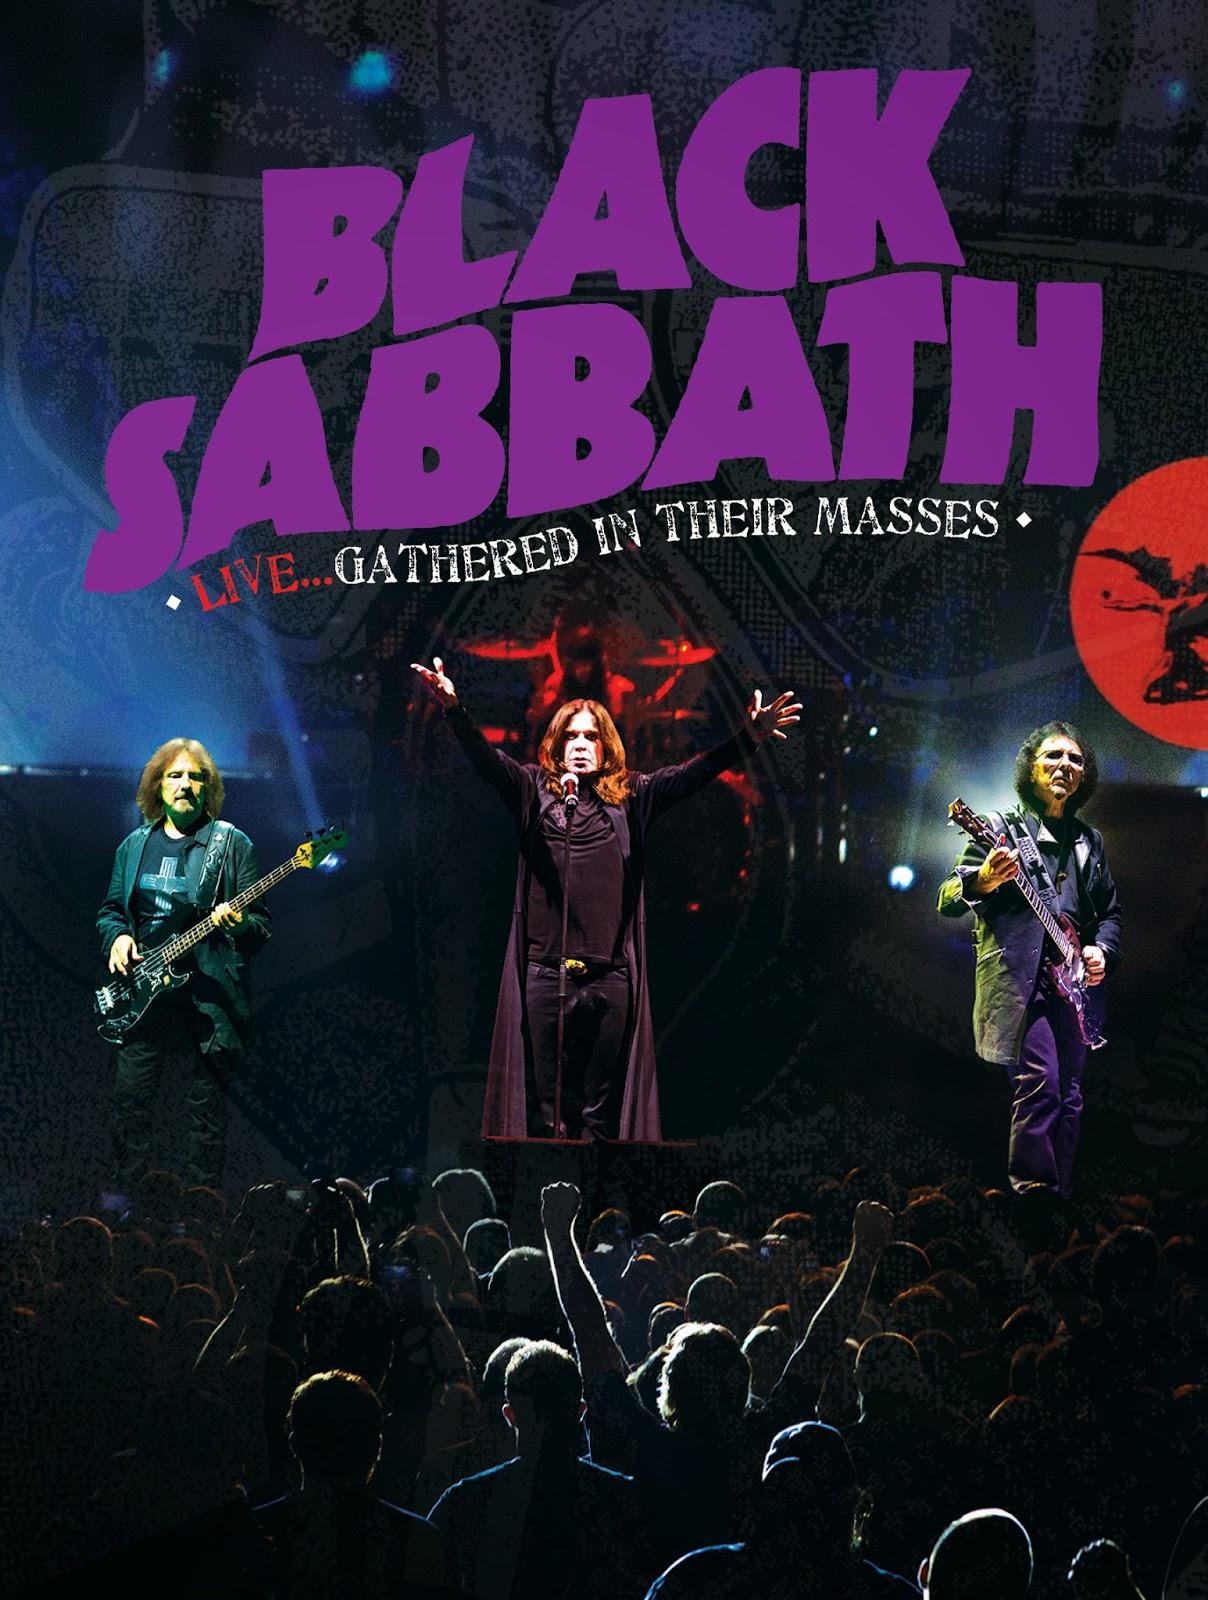 affiche du film Black Sabbath: Live... gathered in their masses